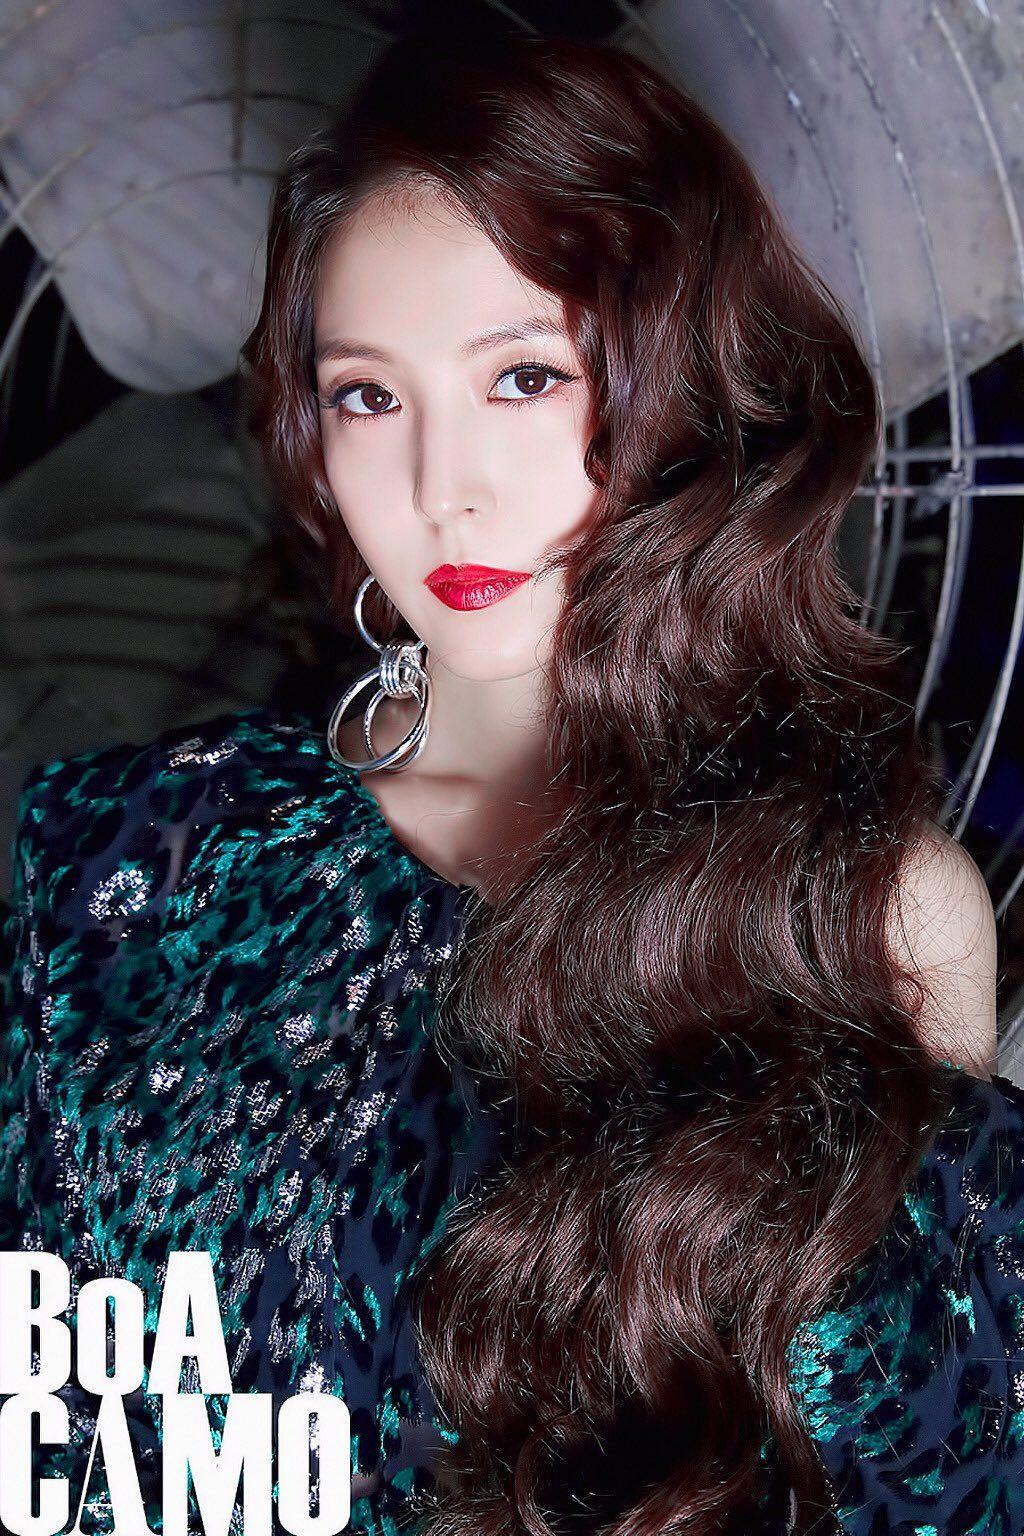 BoA (Kwon Bo Ah), sinh năm 1986, debut năm 2000. Cô là nữ ca sĩ solo thành công của Kpop thế hệ đầu tiên, là nghệ sĩ tiên phong mở đường cho làn sóng Hallyu tấn công thị trường Nhật Bản.